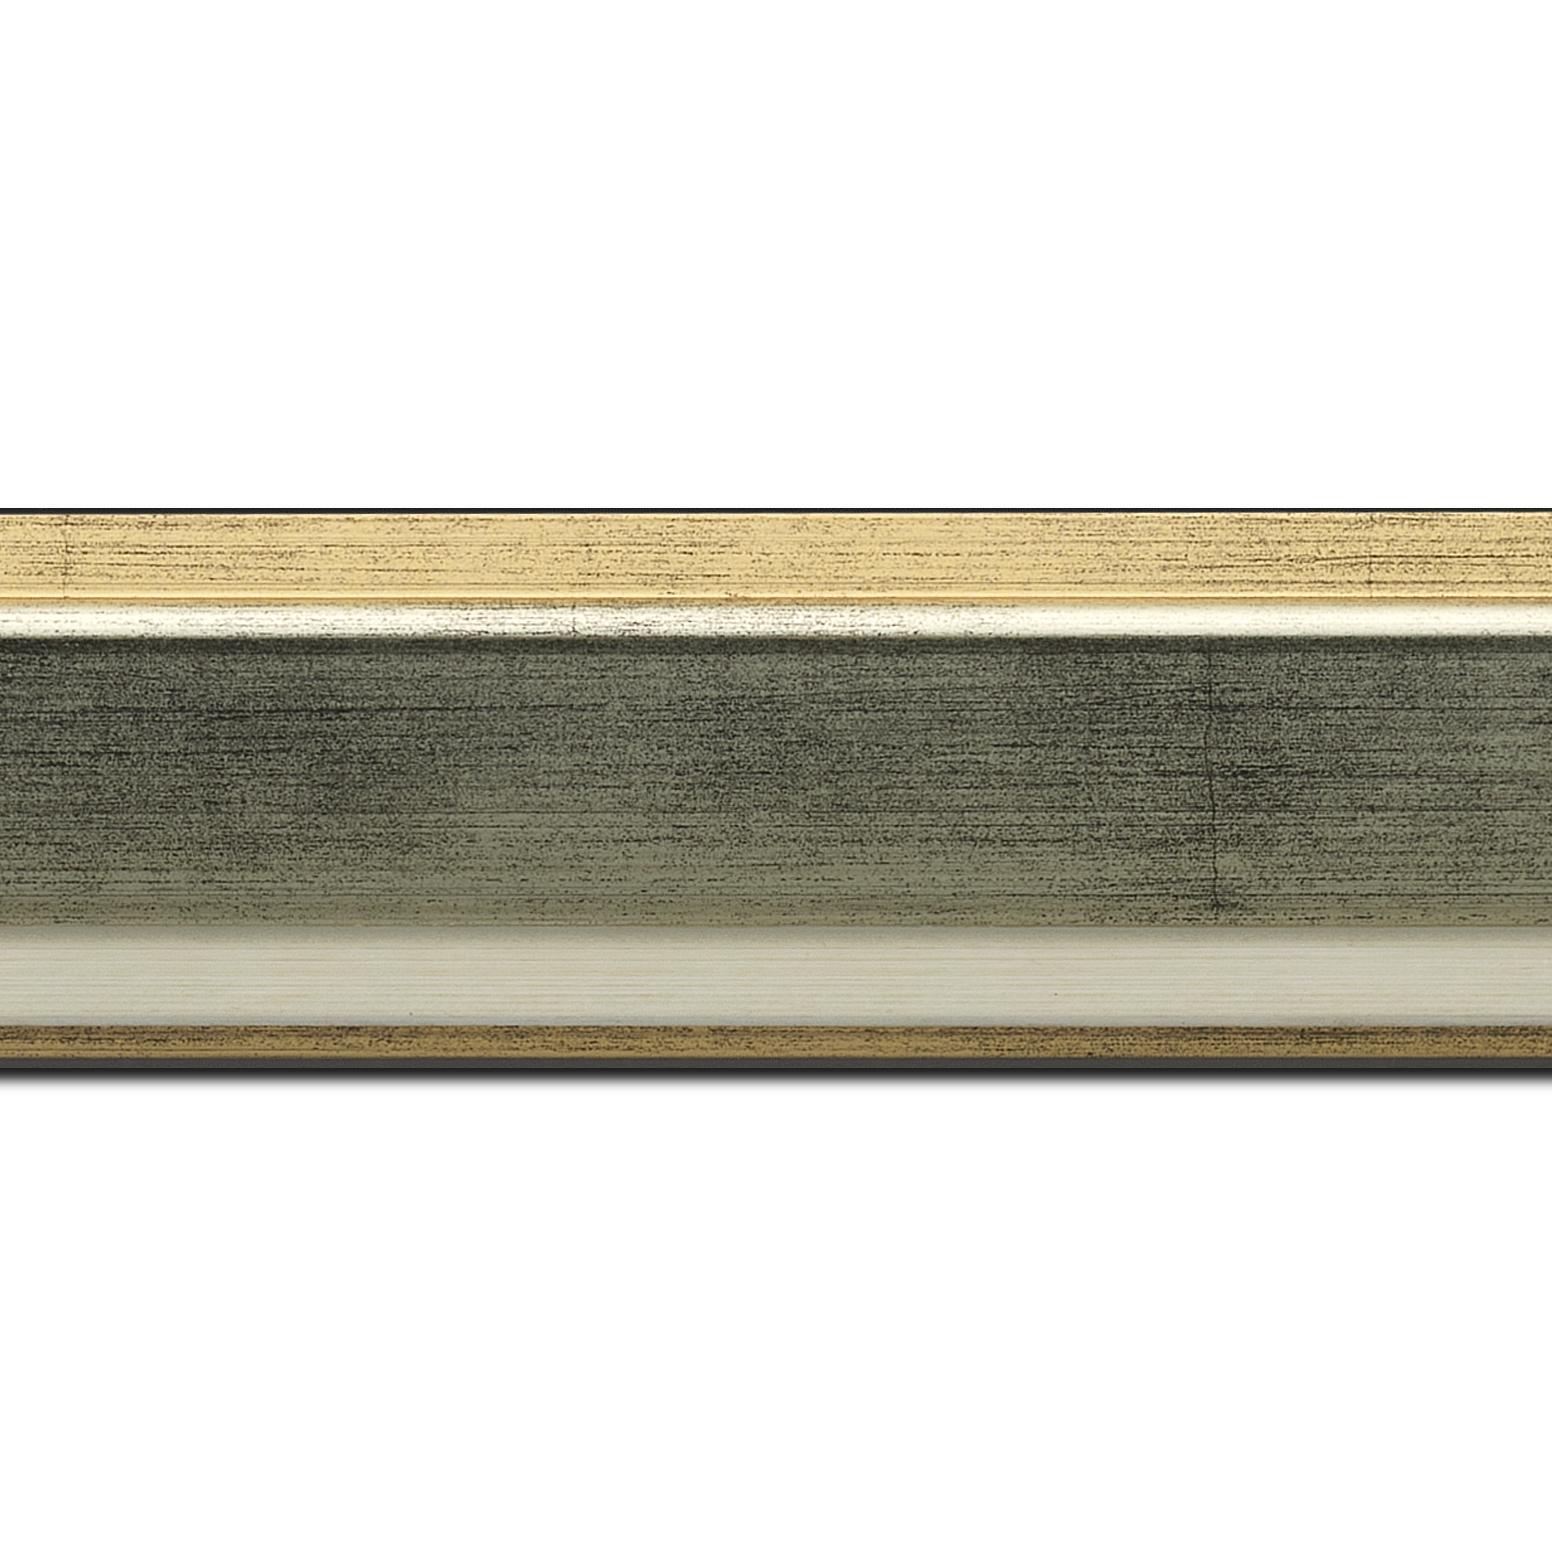 Pack par 12m, bois profil incliné largeur 5.4cm argent extérieur or marie louise crème filet or intégrée(longueur baguette pouvant varier entre 2.40m et 3m selon arrivage des bois)